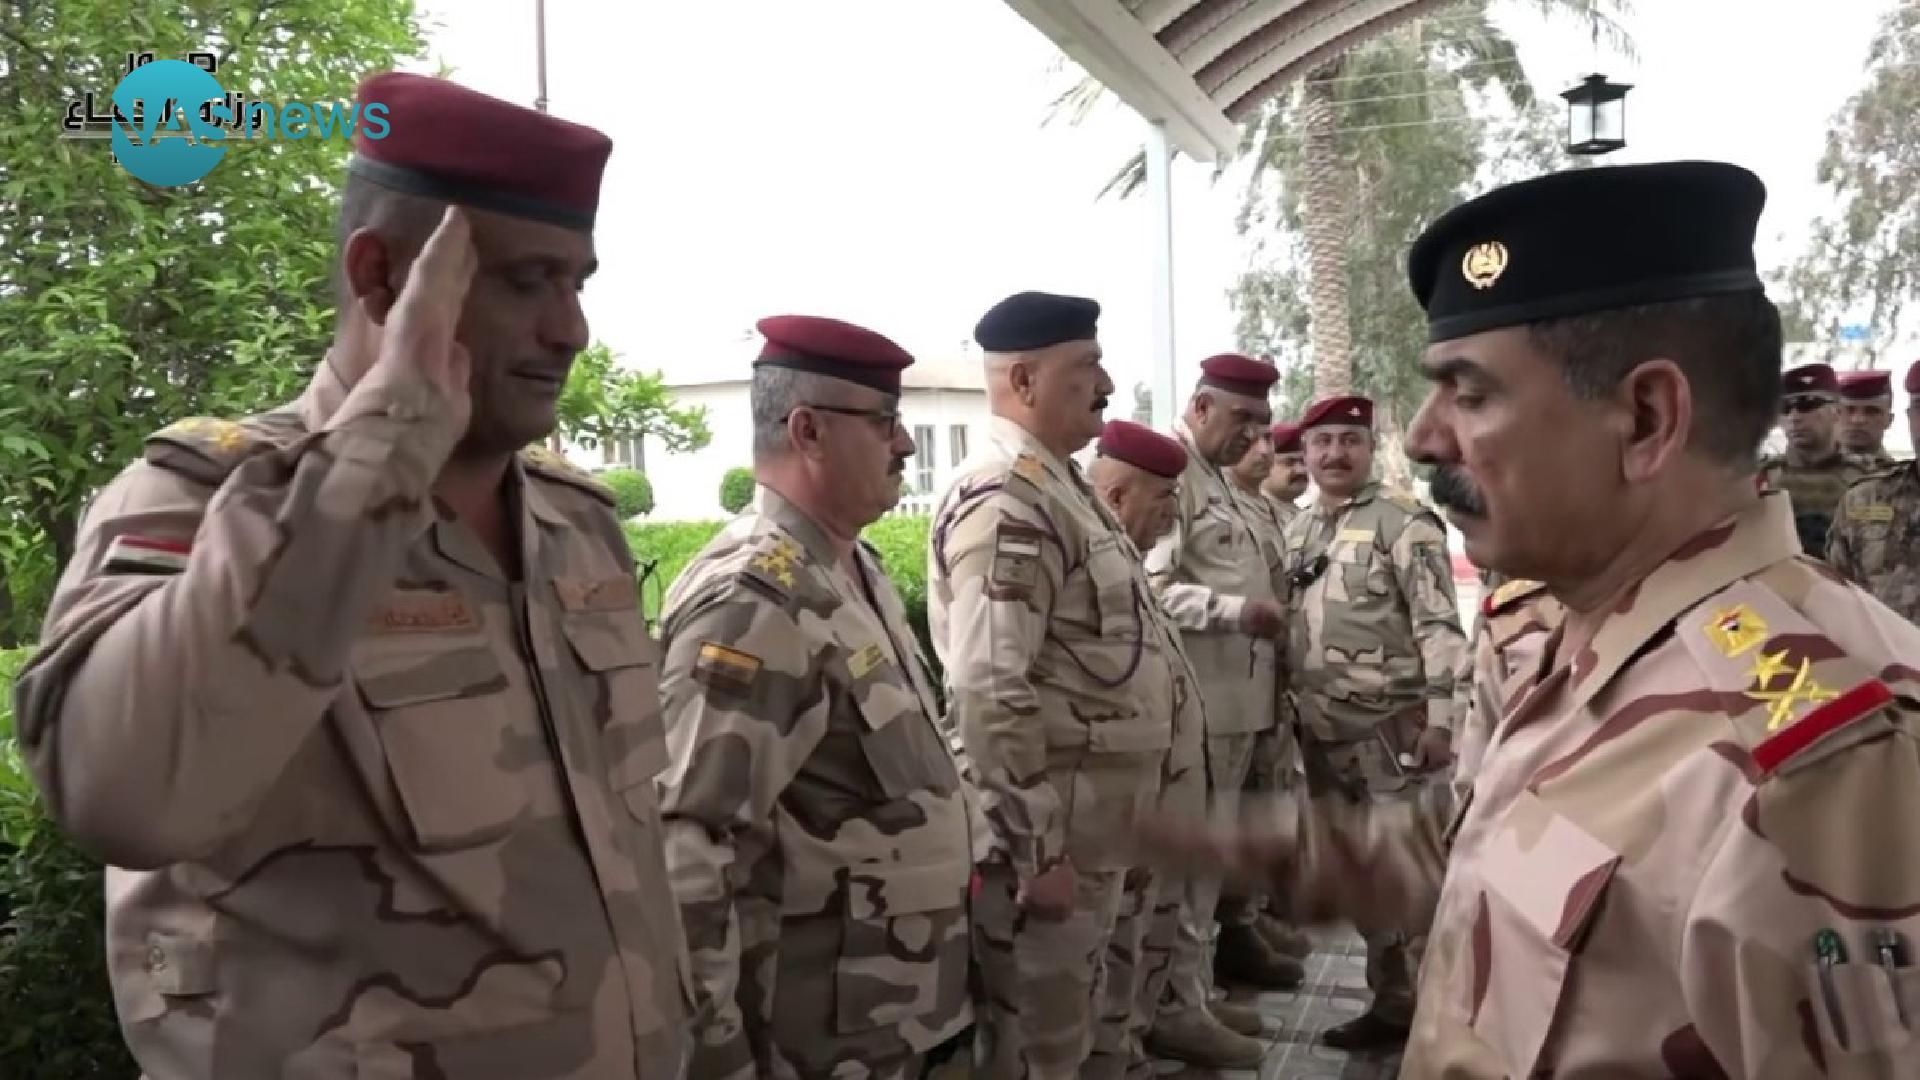 وزير الدفاع يهدد القادة باجراءات: أغلقوا صفحاتكم فوراً!